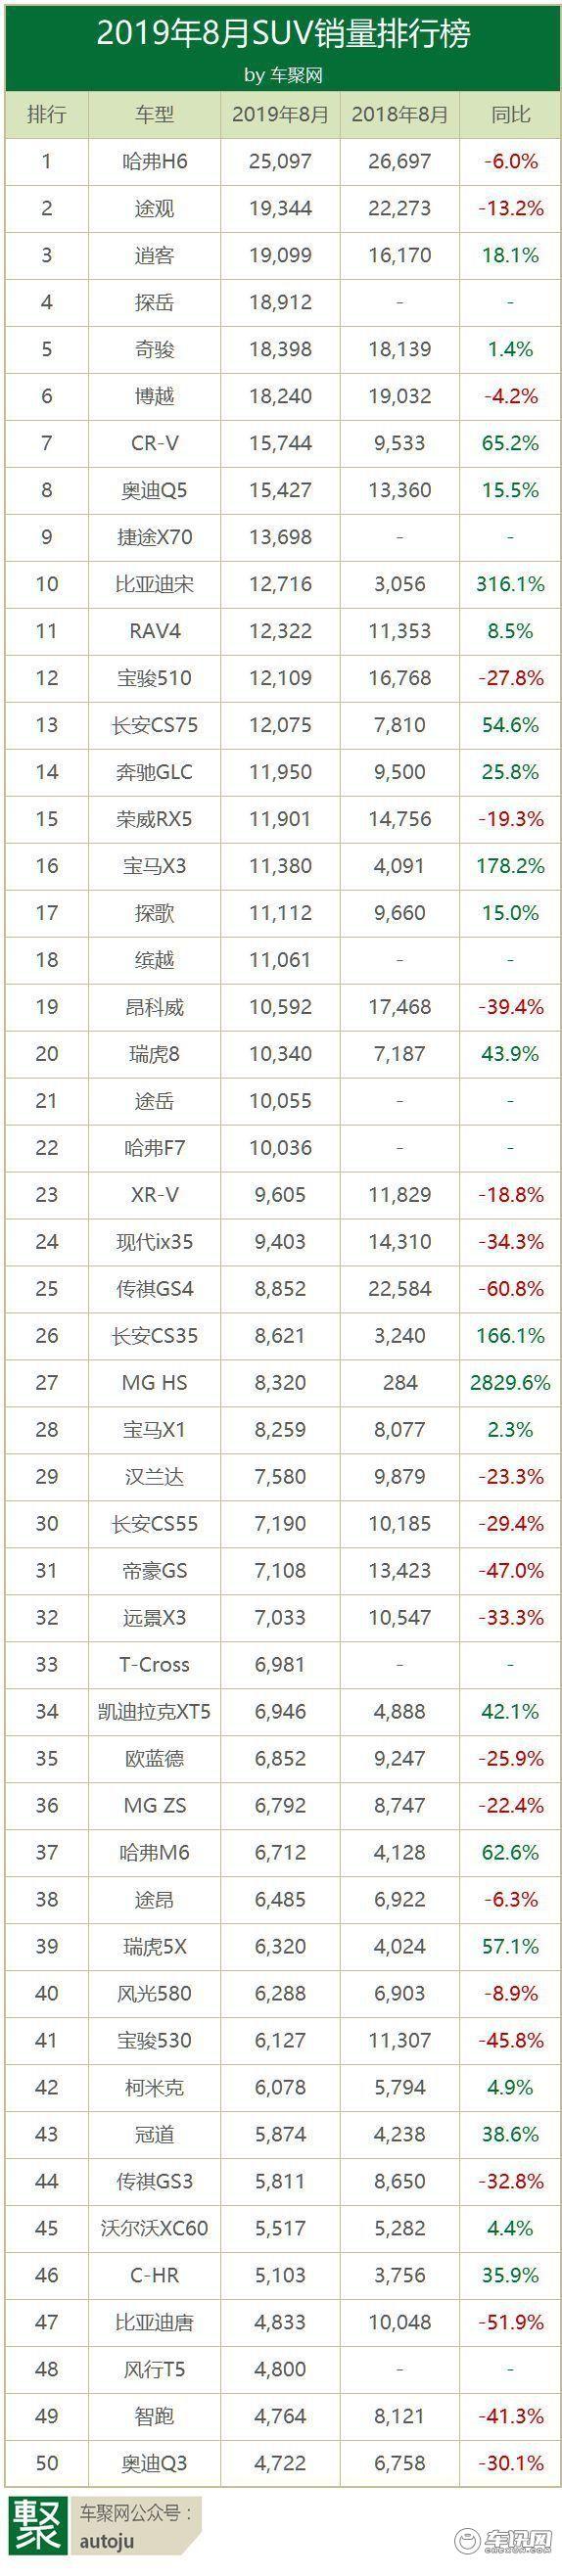 8月销量排行榜:轩逸第一卡罗拉失意,H6力压途观夺冠